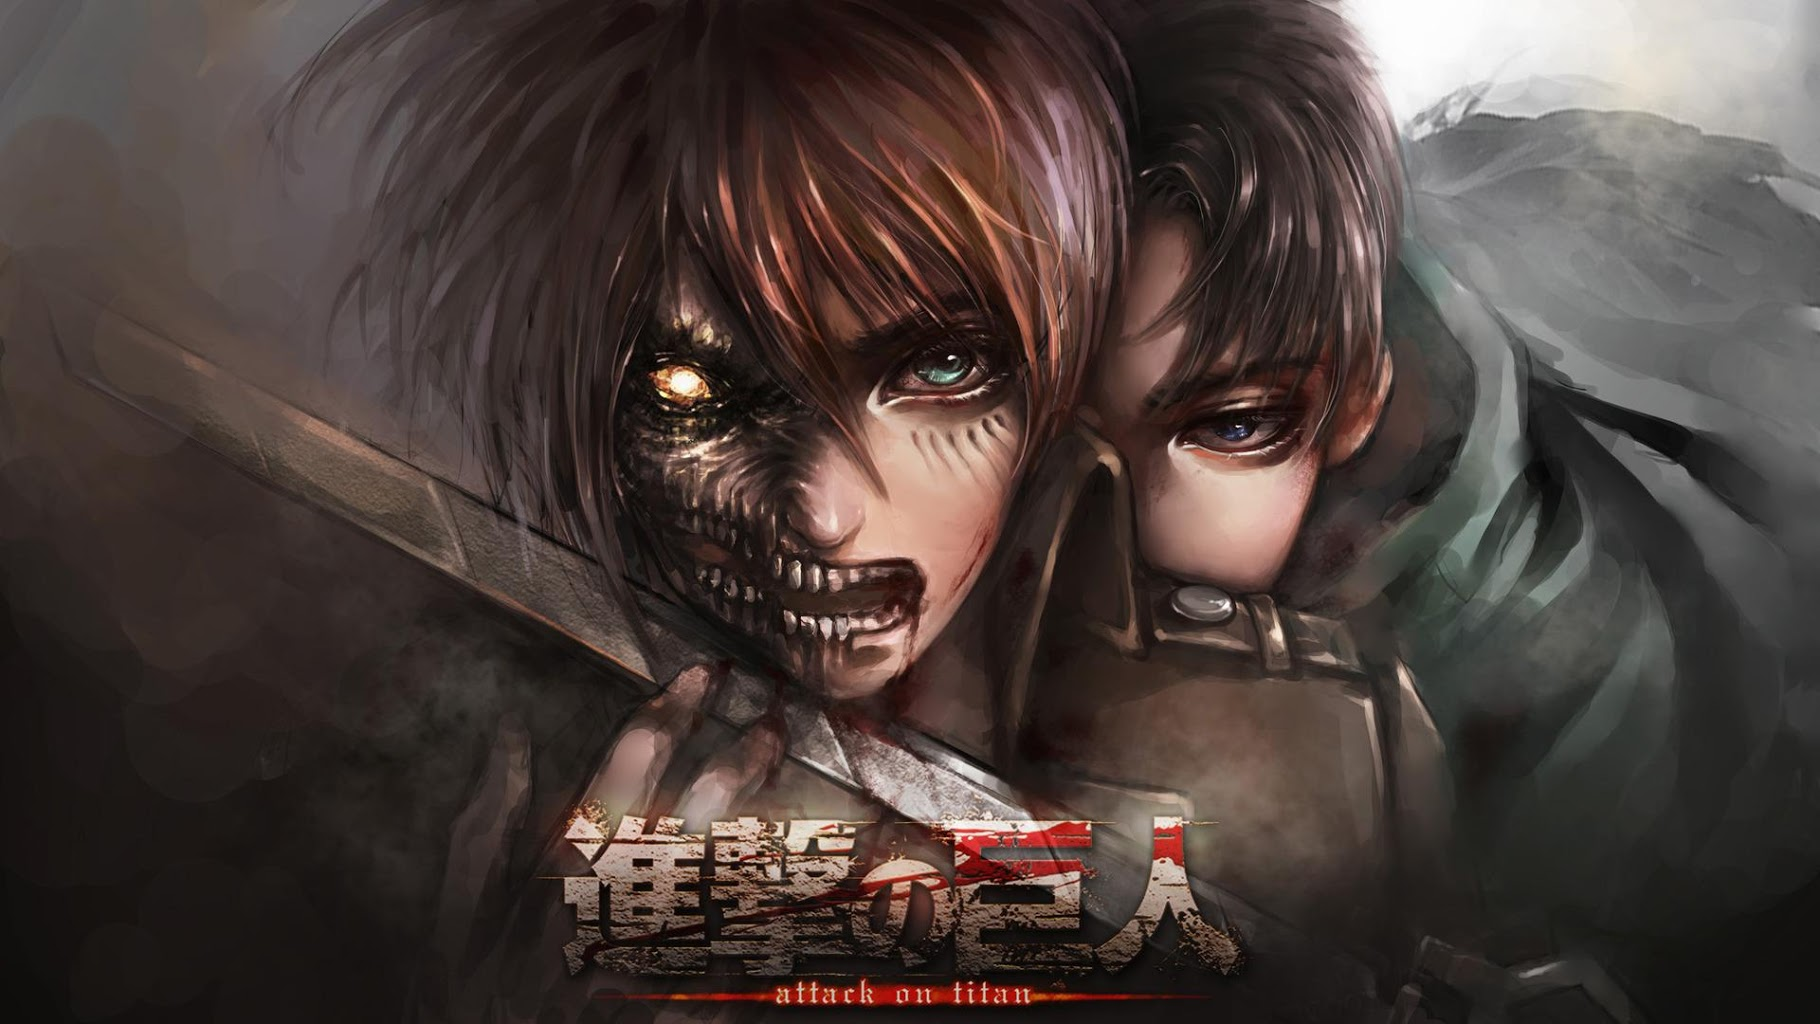 attack-on-titan-hd-Google-Search-wallpaper-wp42148